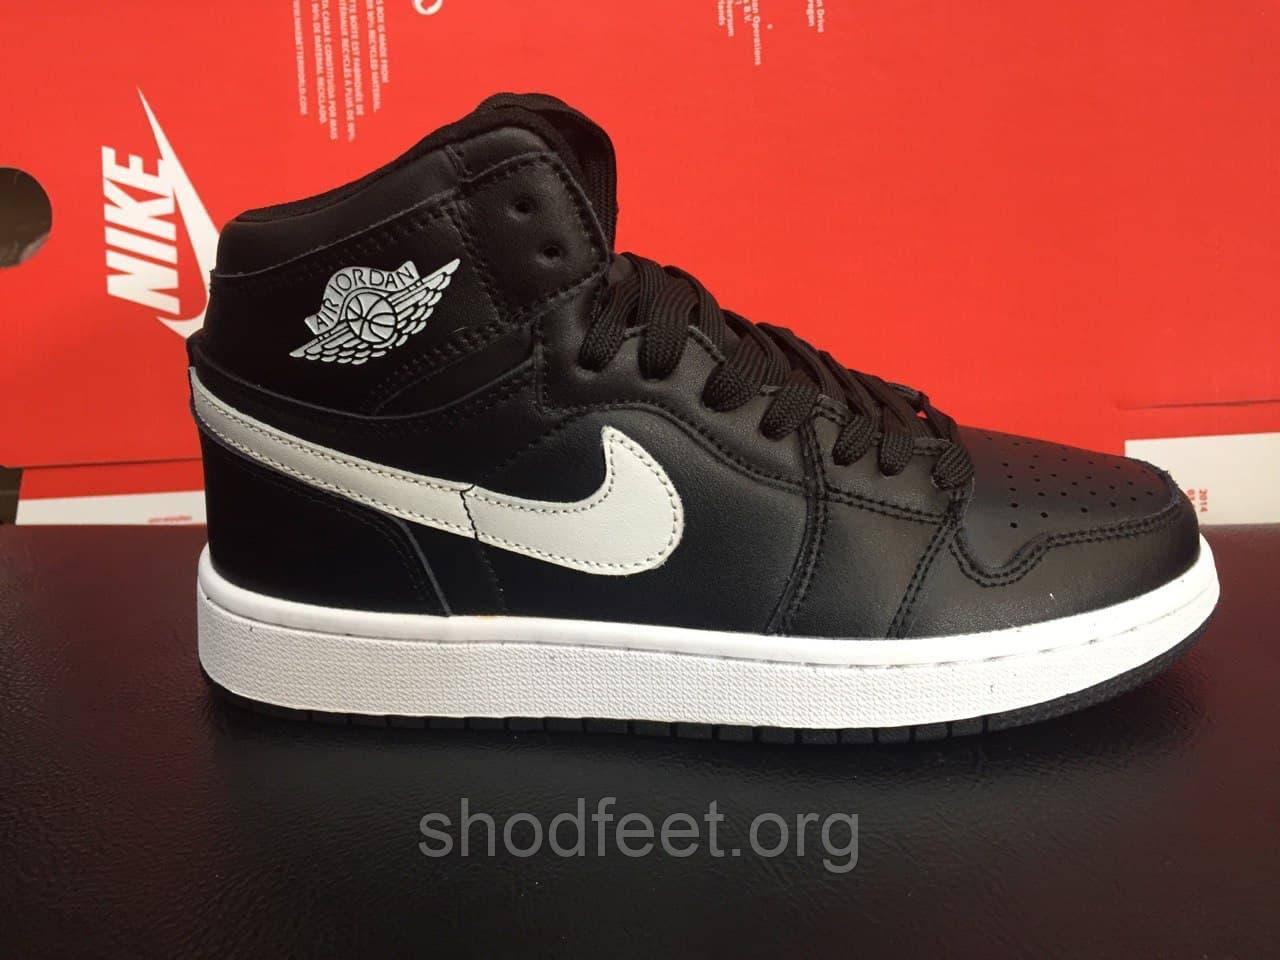 Підліткові кросівки Air Jordan 1 Retro Black White, аїр джордан 1 ретро